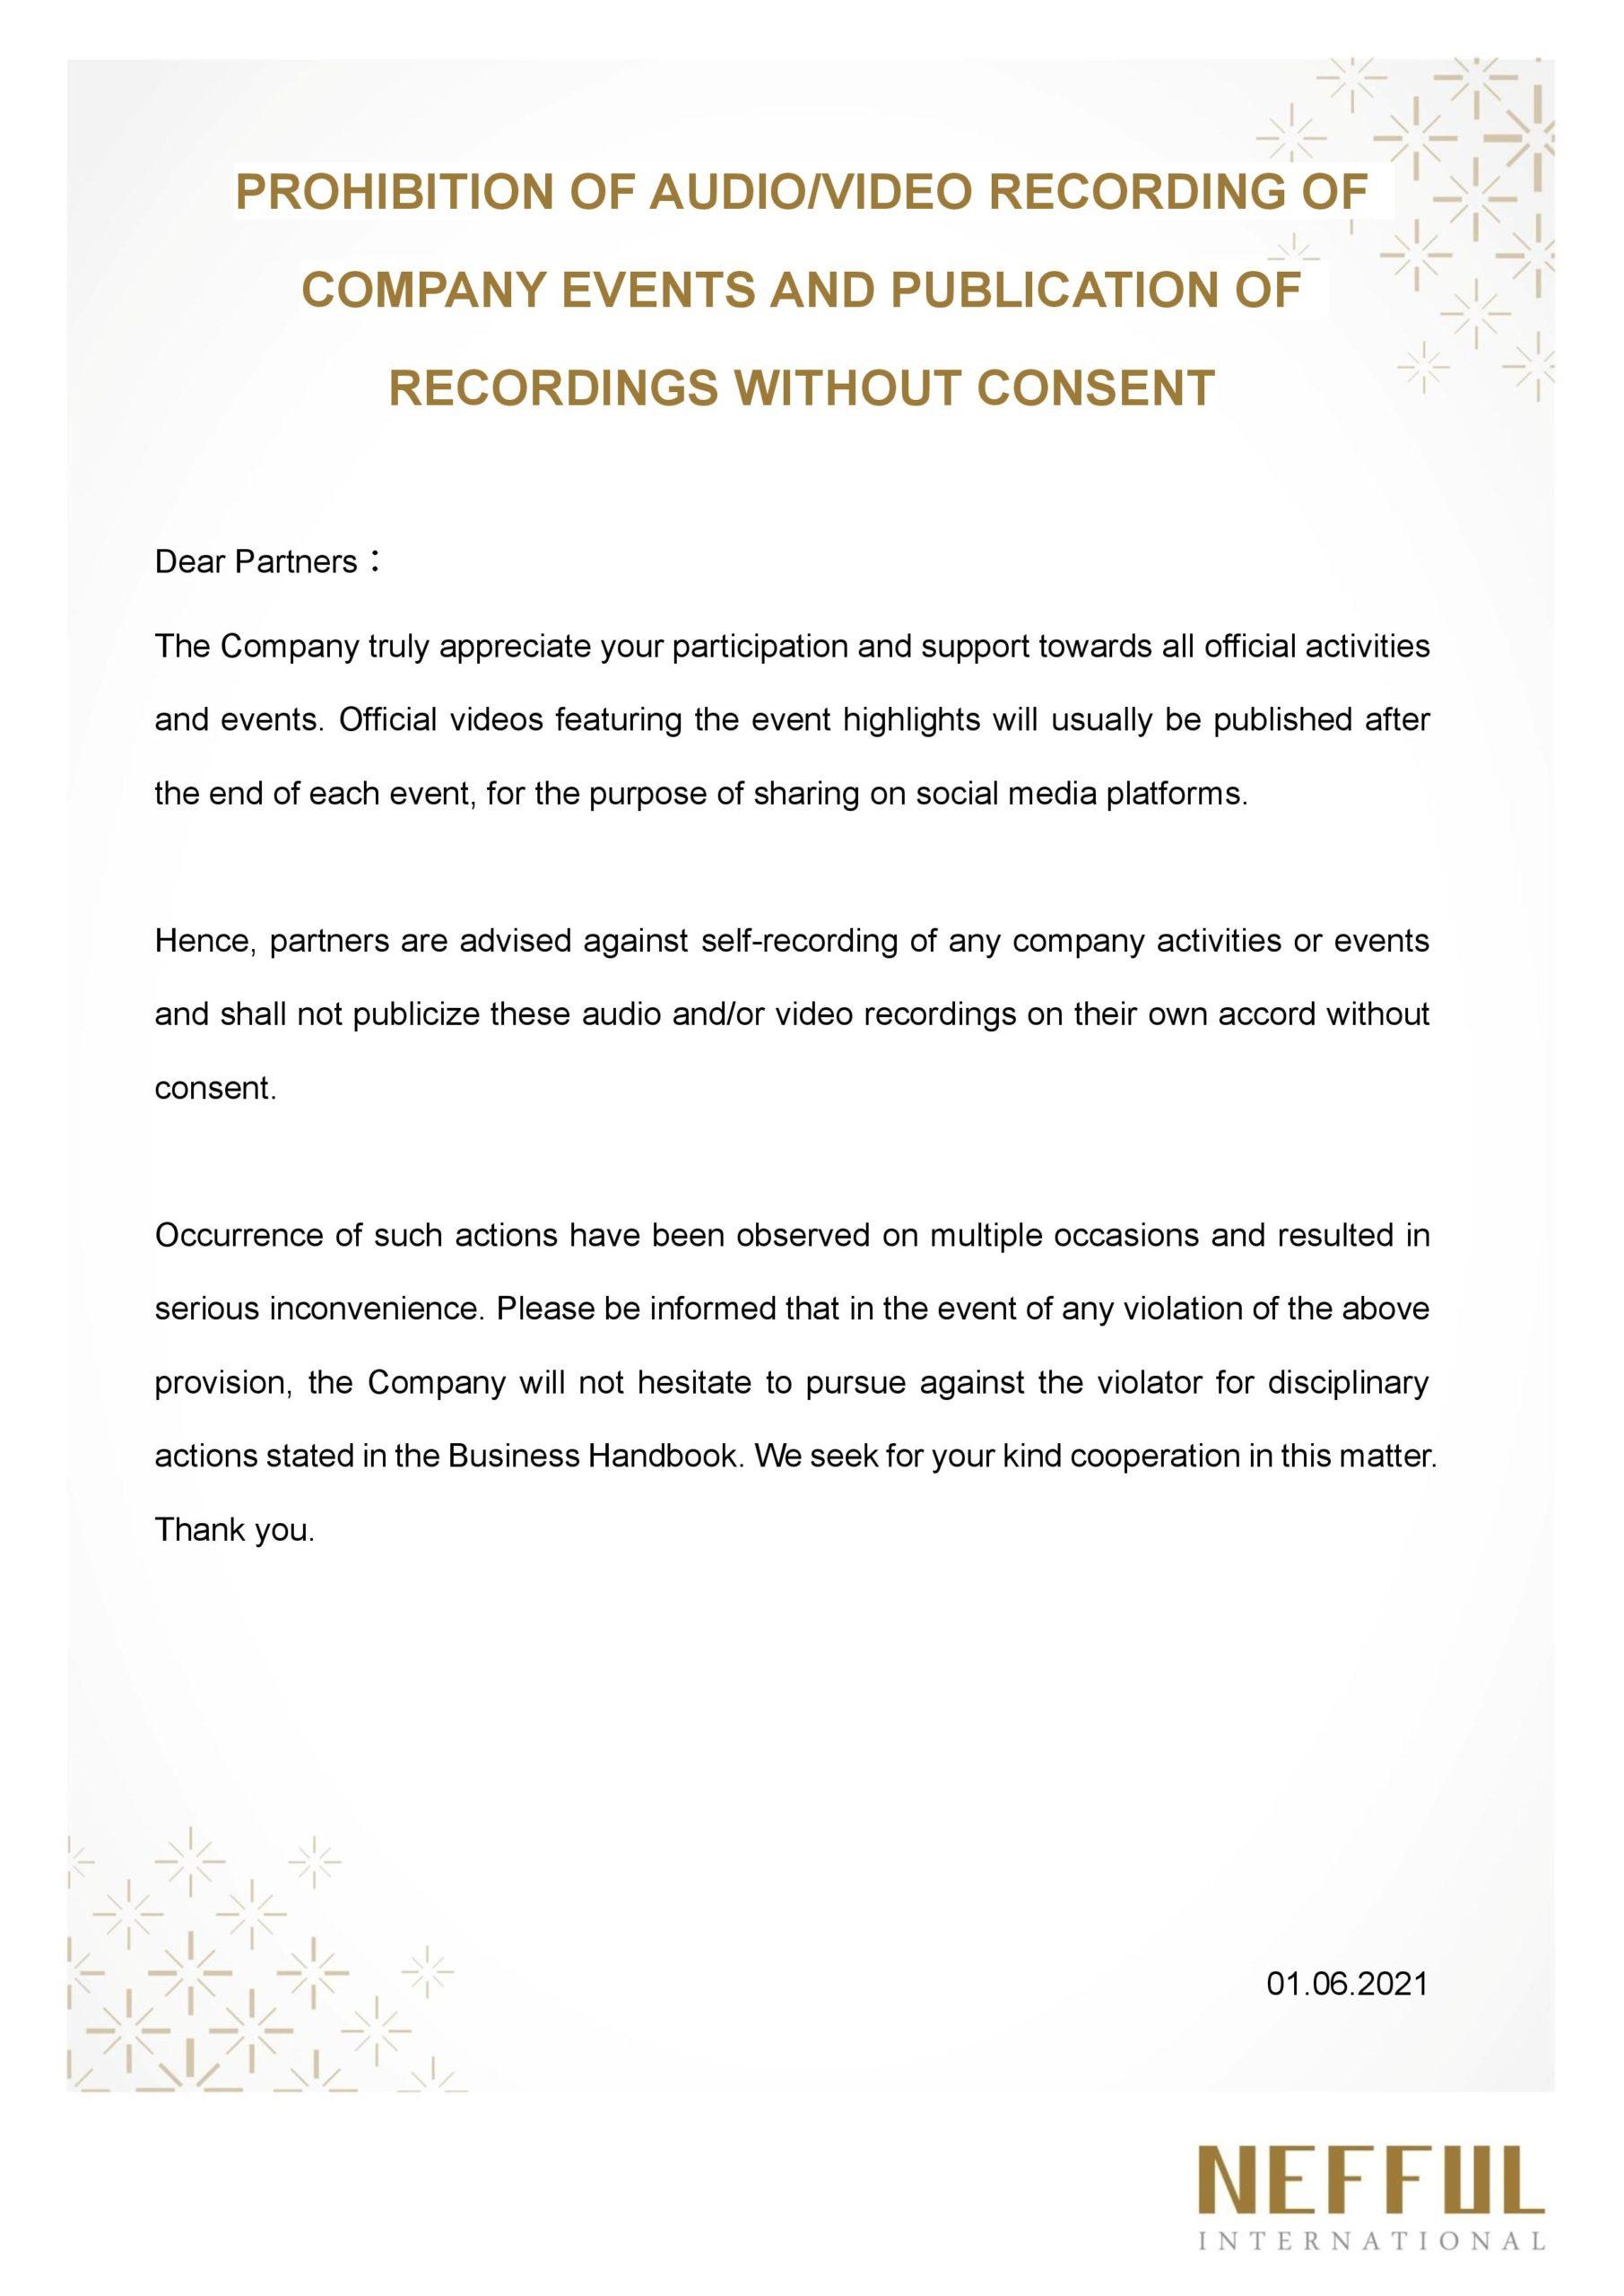 公司活動影音記錄禁止任意公布公告_EN-page-001